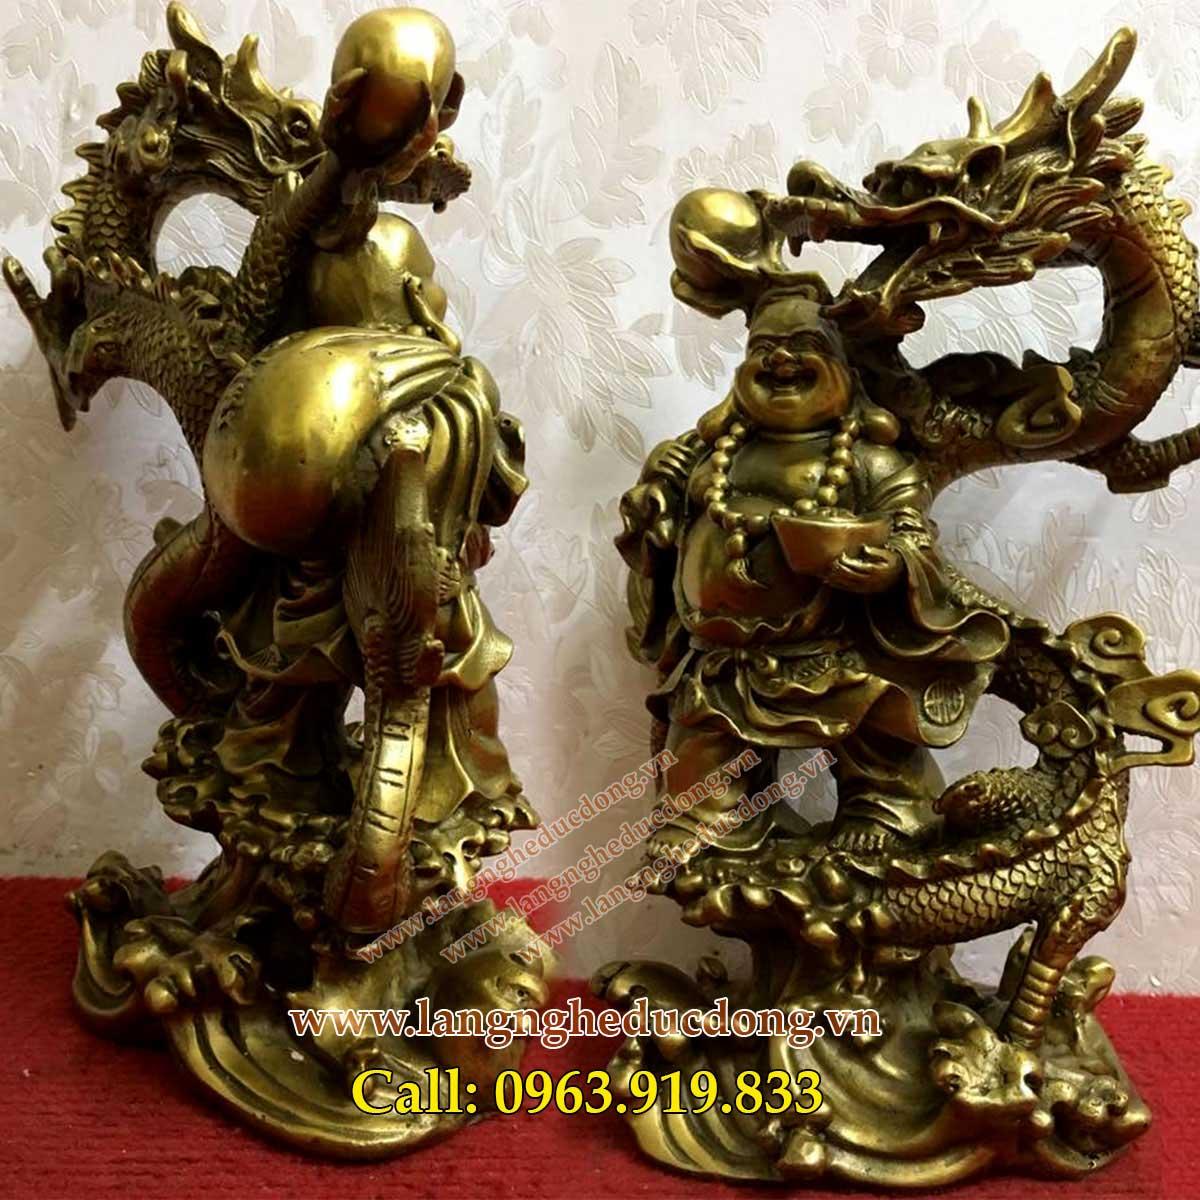 langngheducdong.vn - đúc tượng đồng, tượng thờ cúng, tượng phong thủy, nhận làm hàng đặt